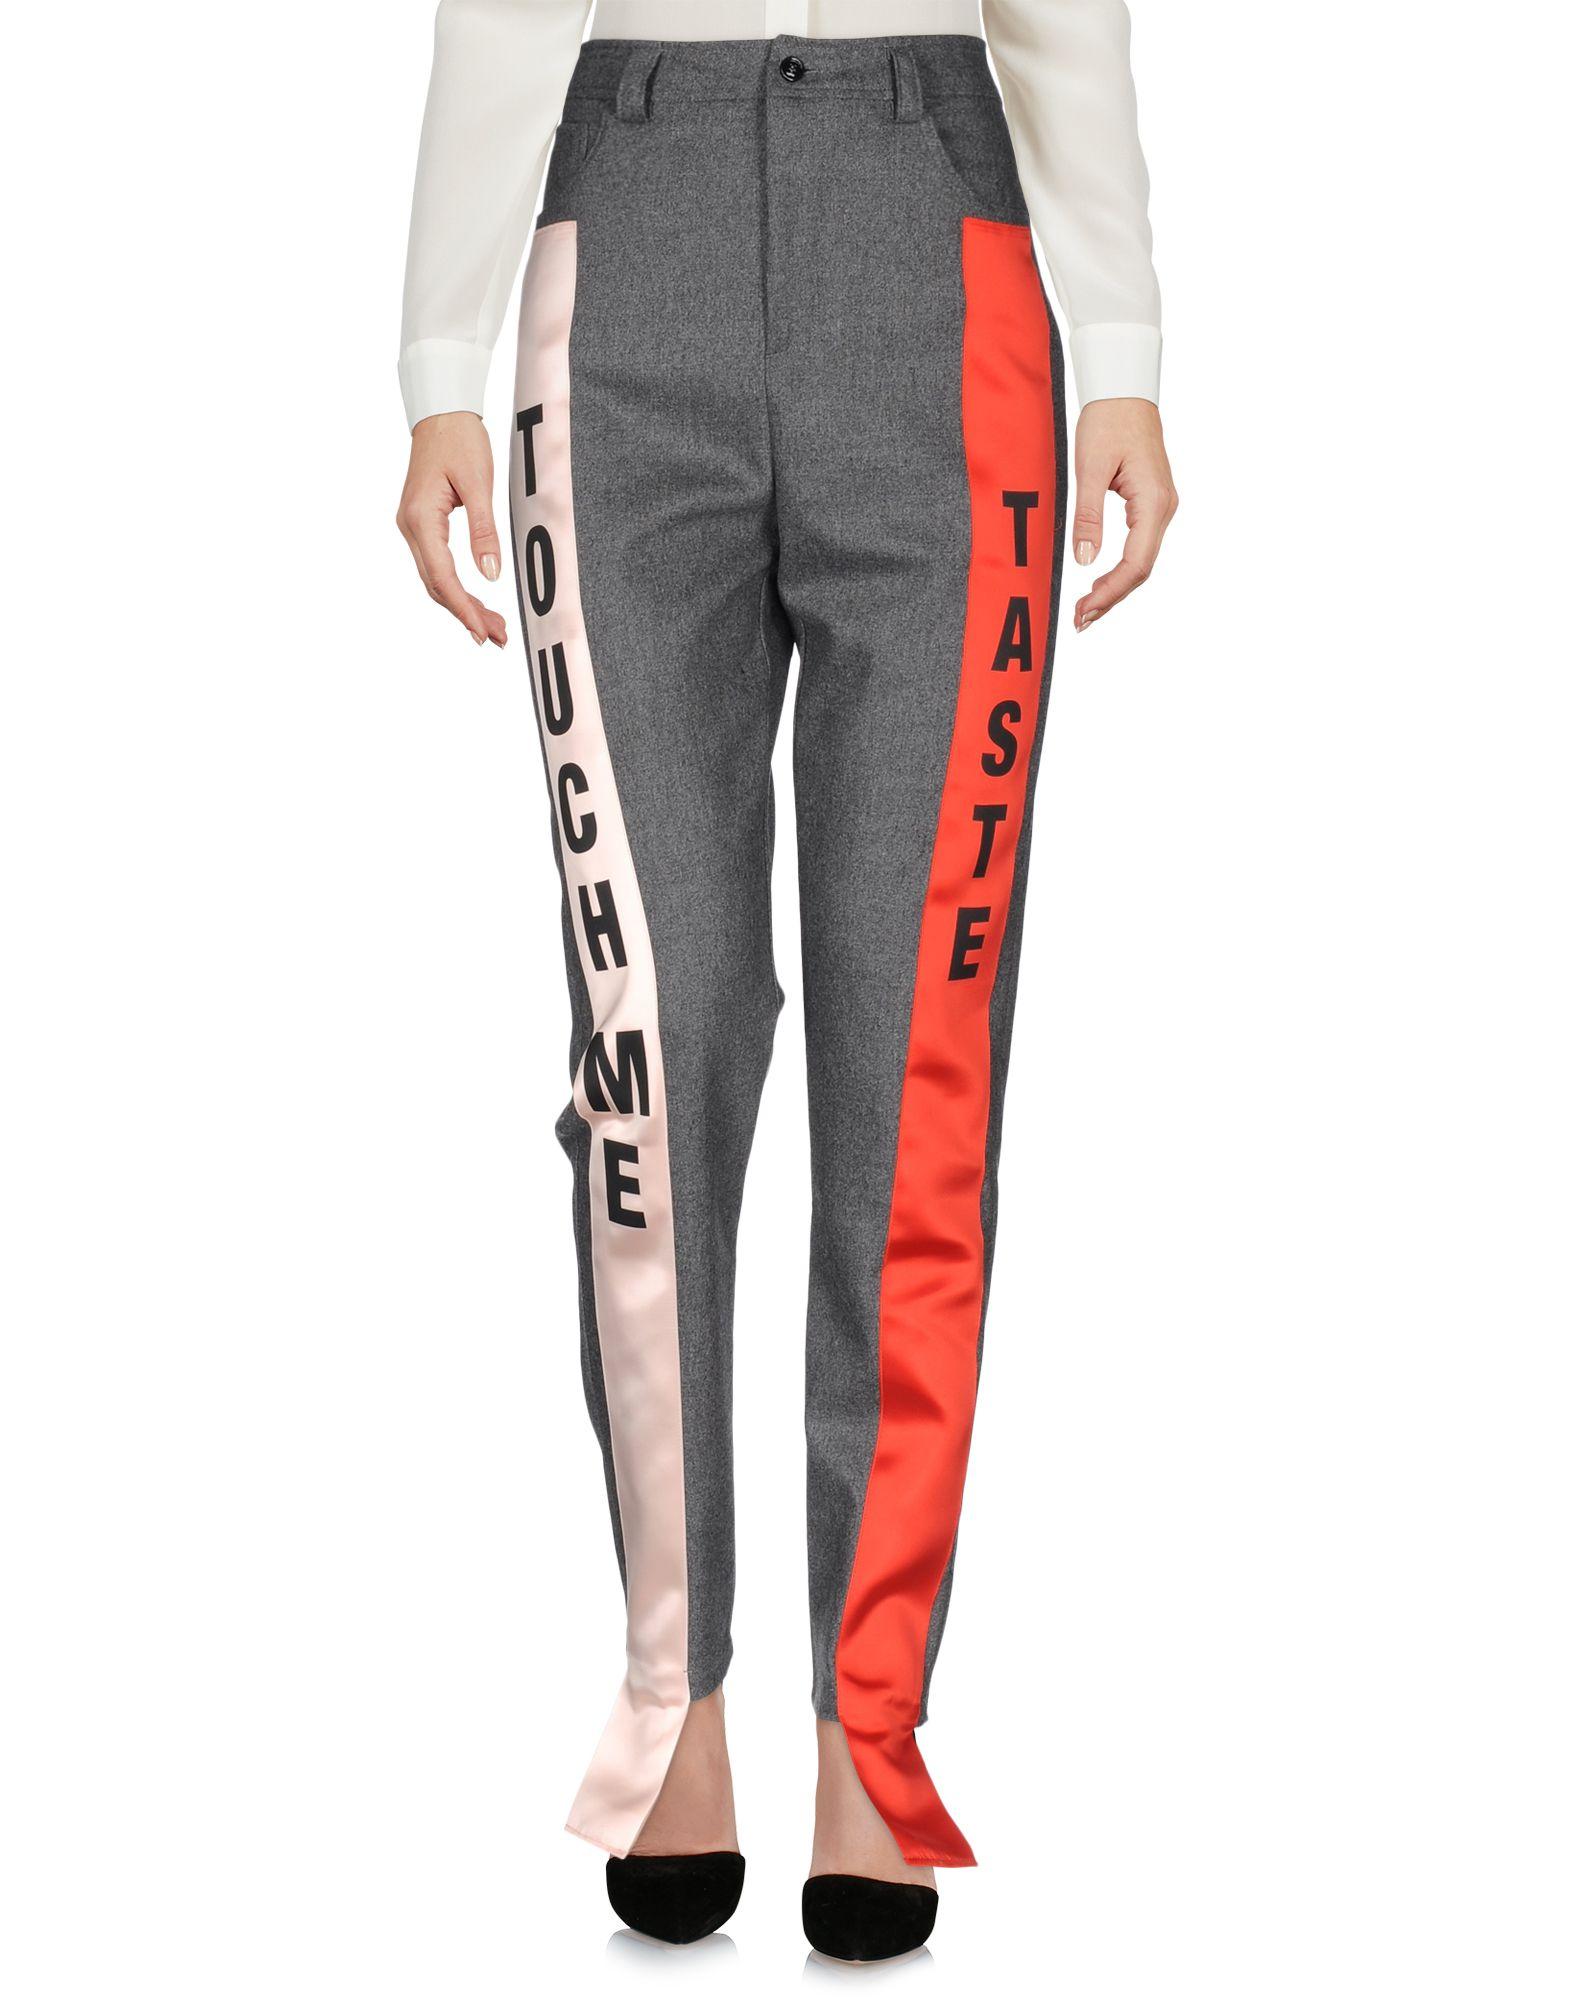 брюки au jour le jour брюки укороченные AU JOUR LE JOUR Повседневные брюки